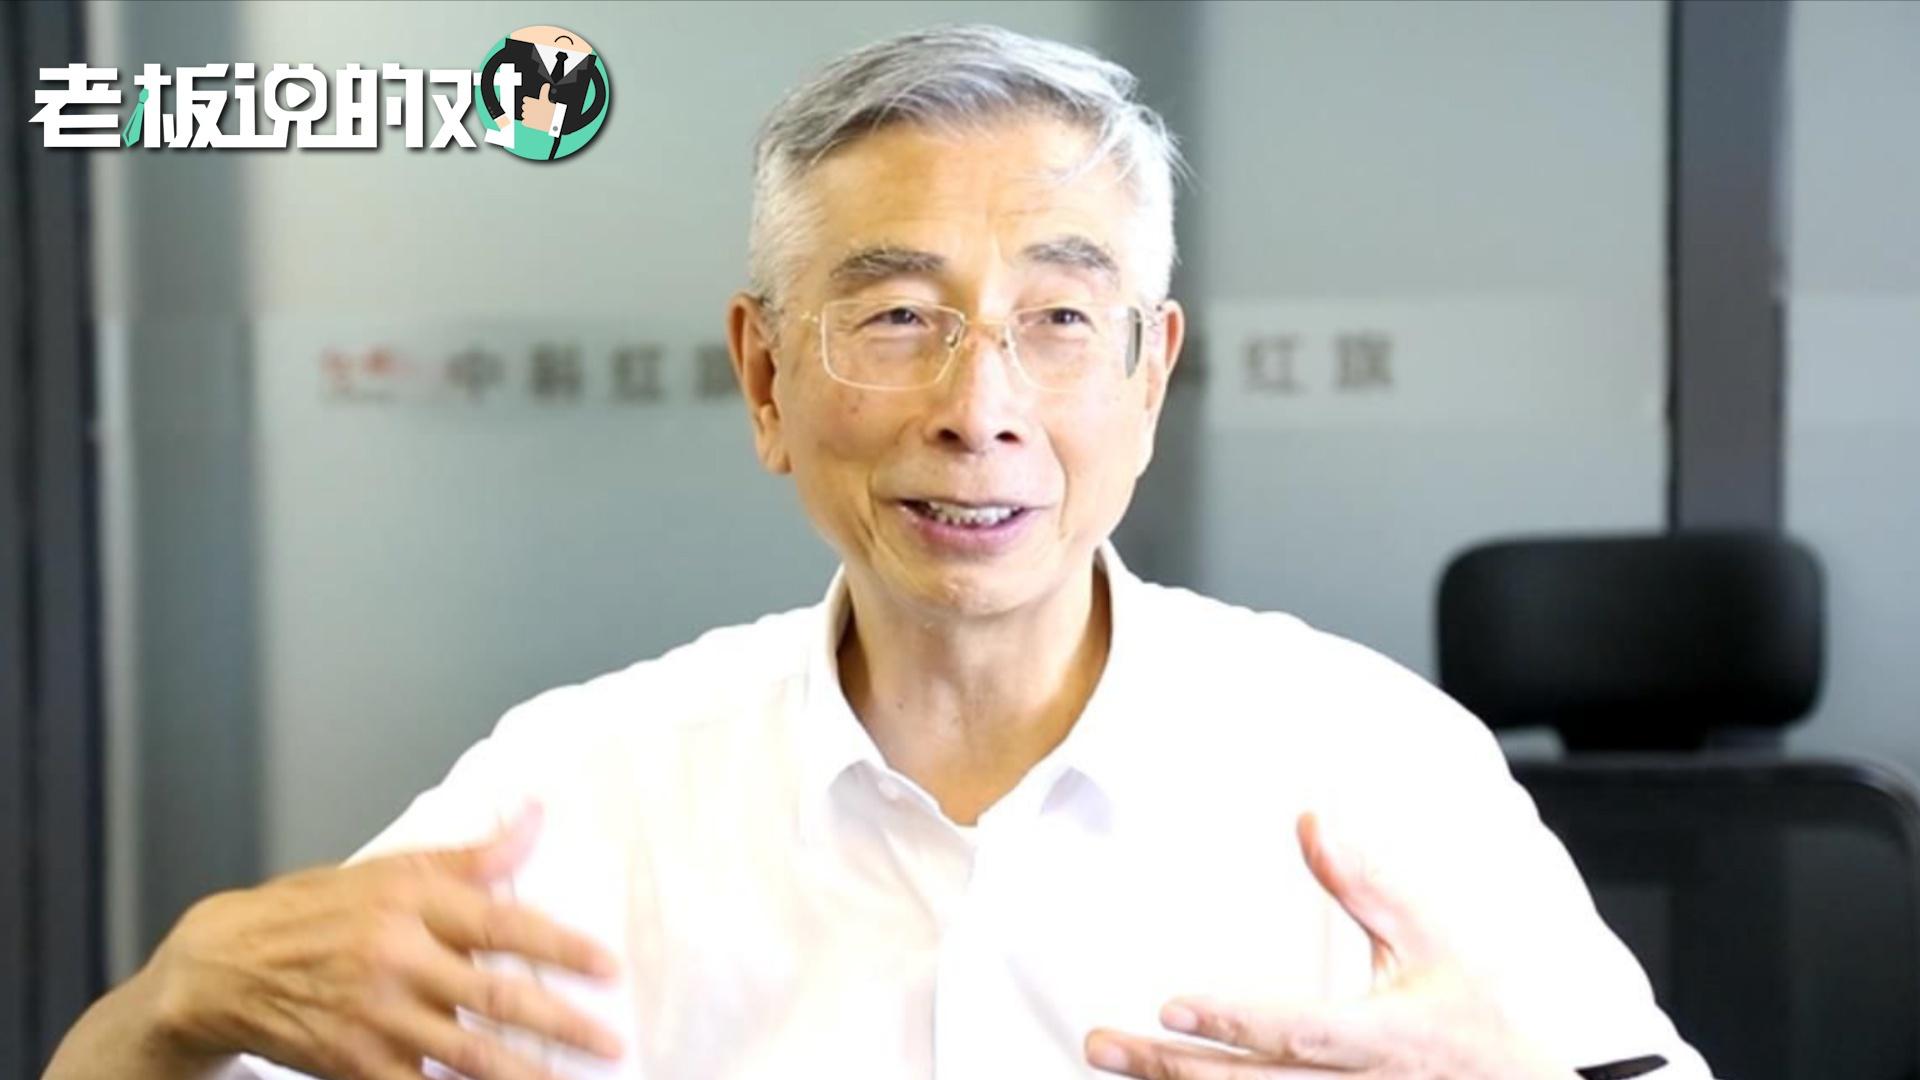 倪光南:自主创新的核心技术正进入市场!华为的多年备胎一夜转正